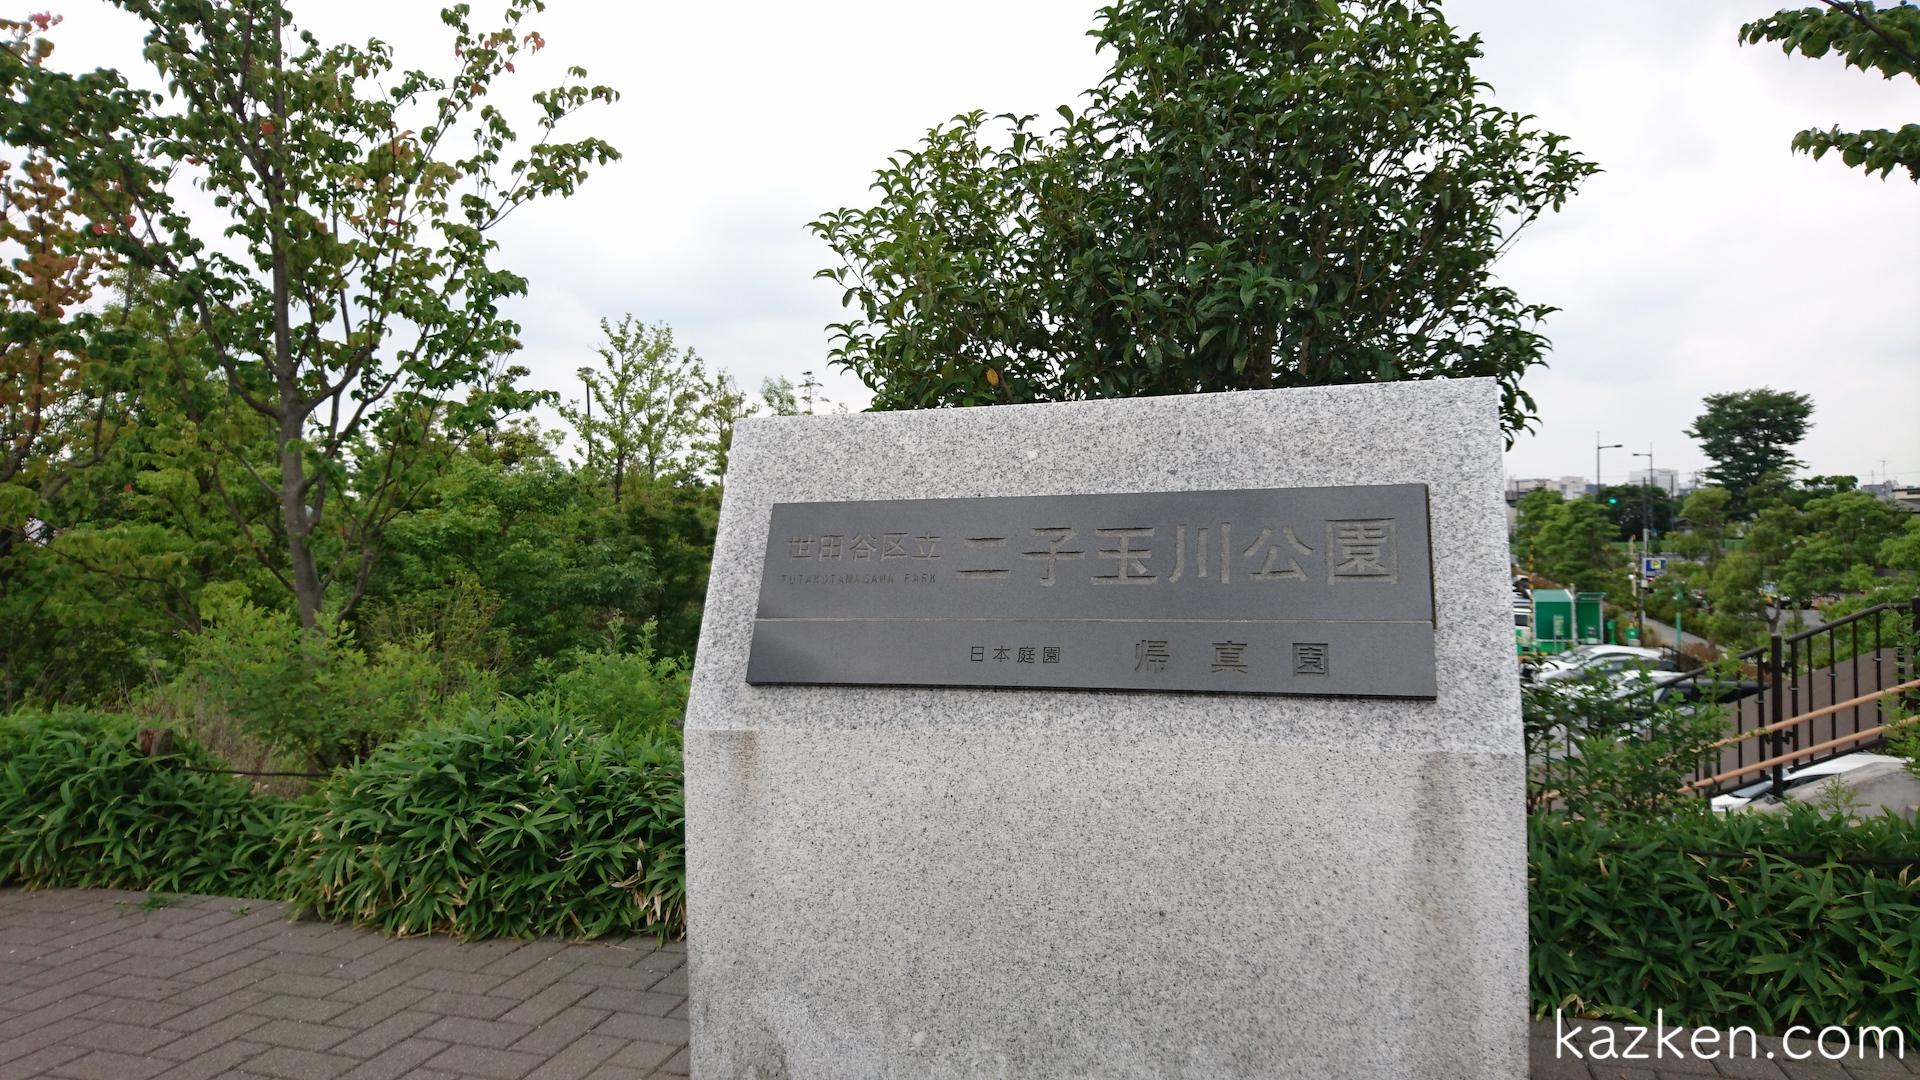 二子玉川公園でピクニックするときのおすすめポイント5選